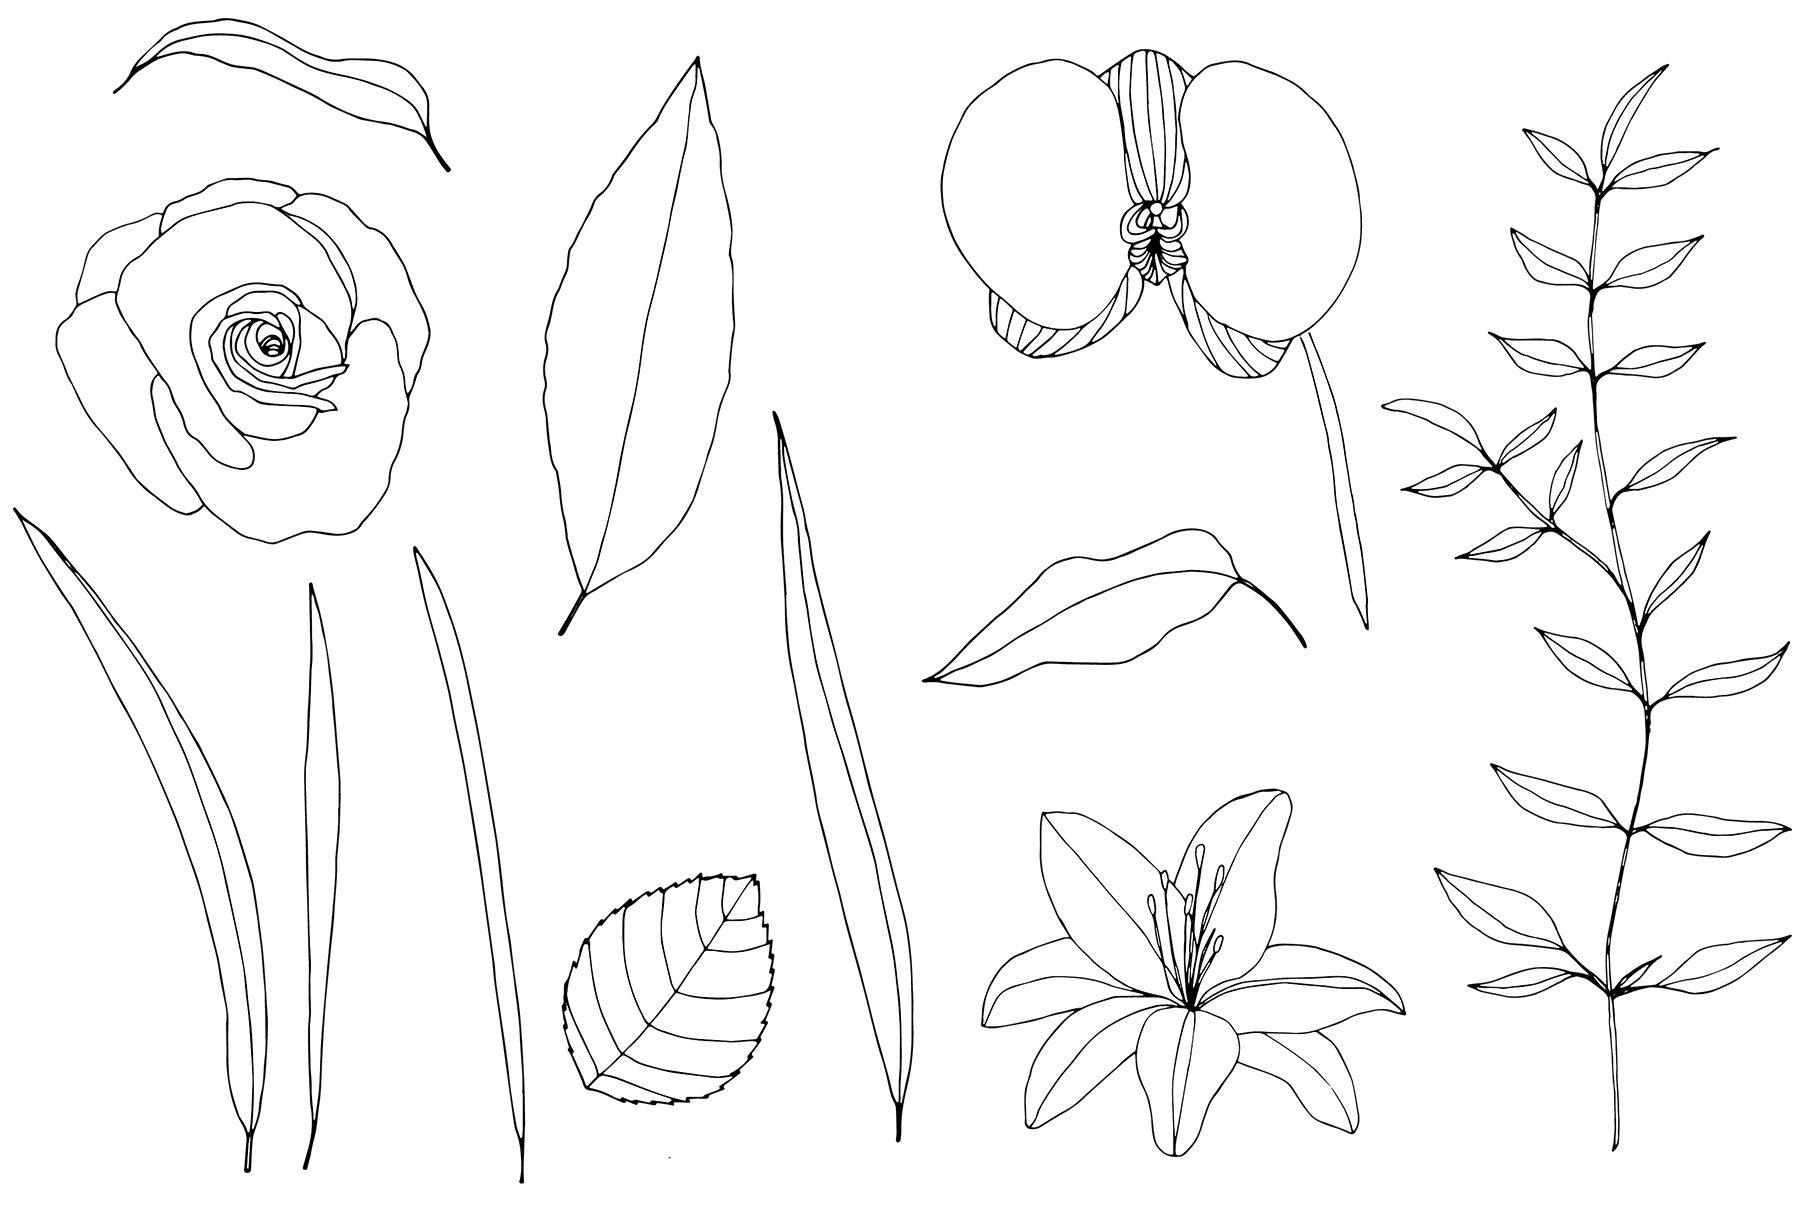 手绘盛开花卉花朵矢量无缝隙图案素材 Blooming Garden Floral Patterns插图(16)